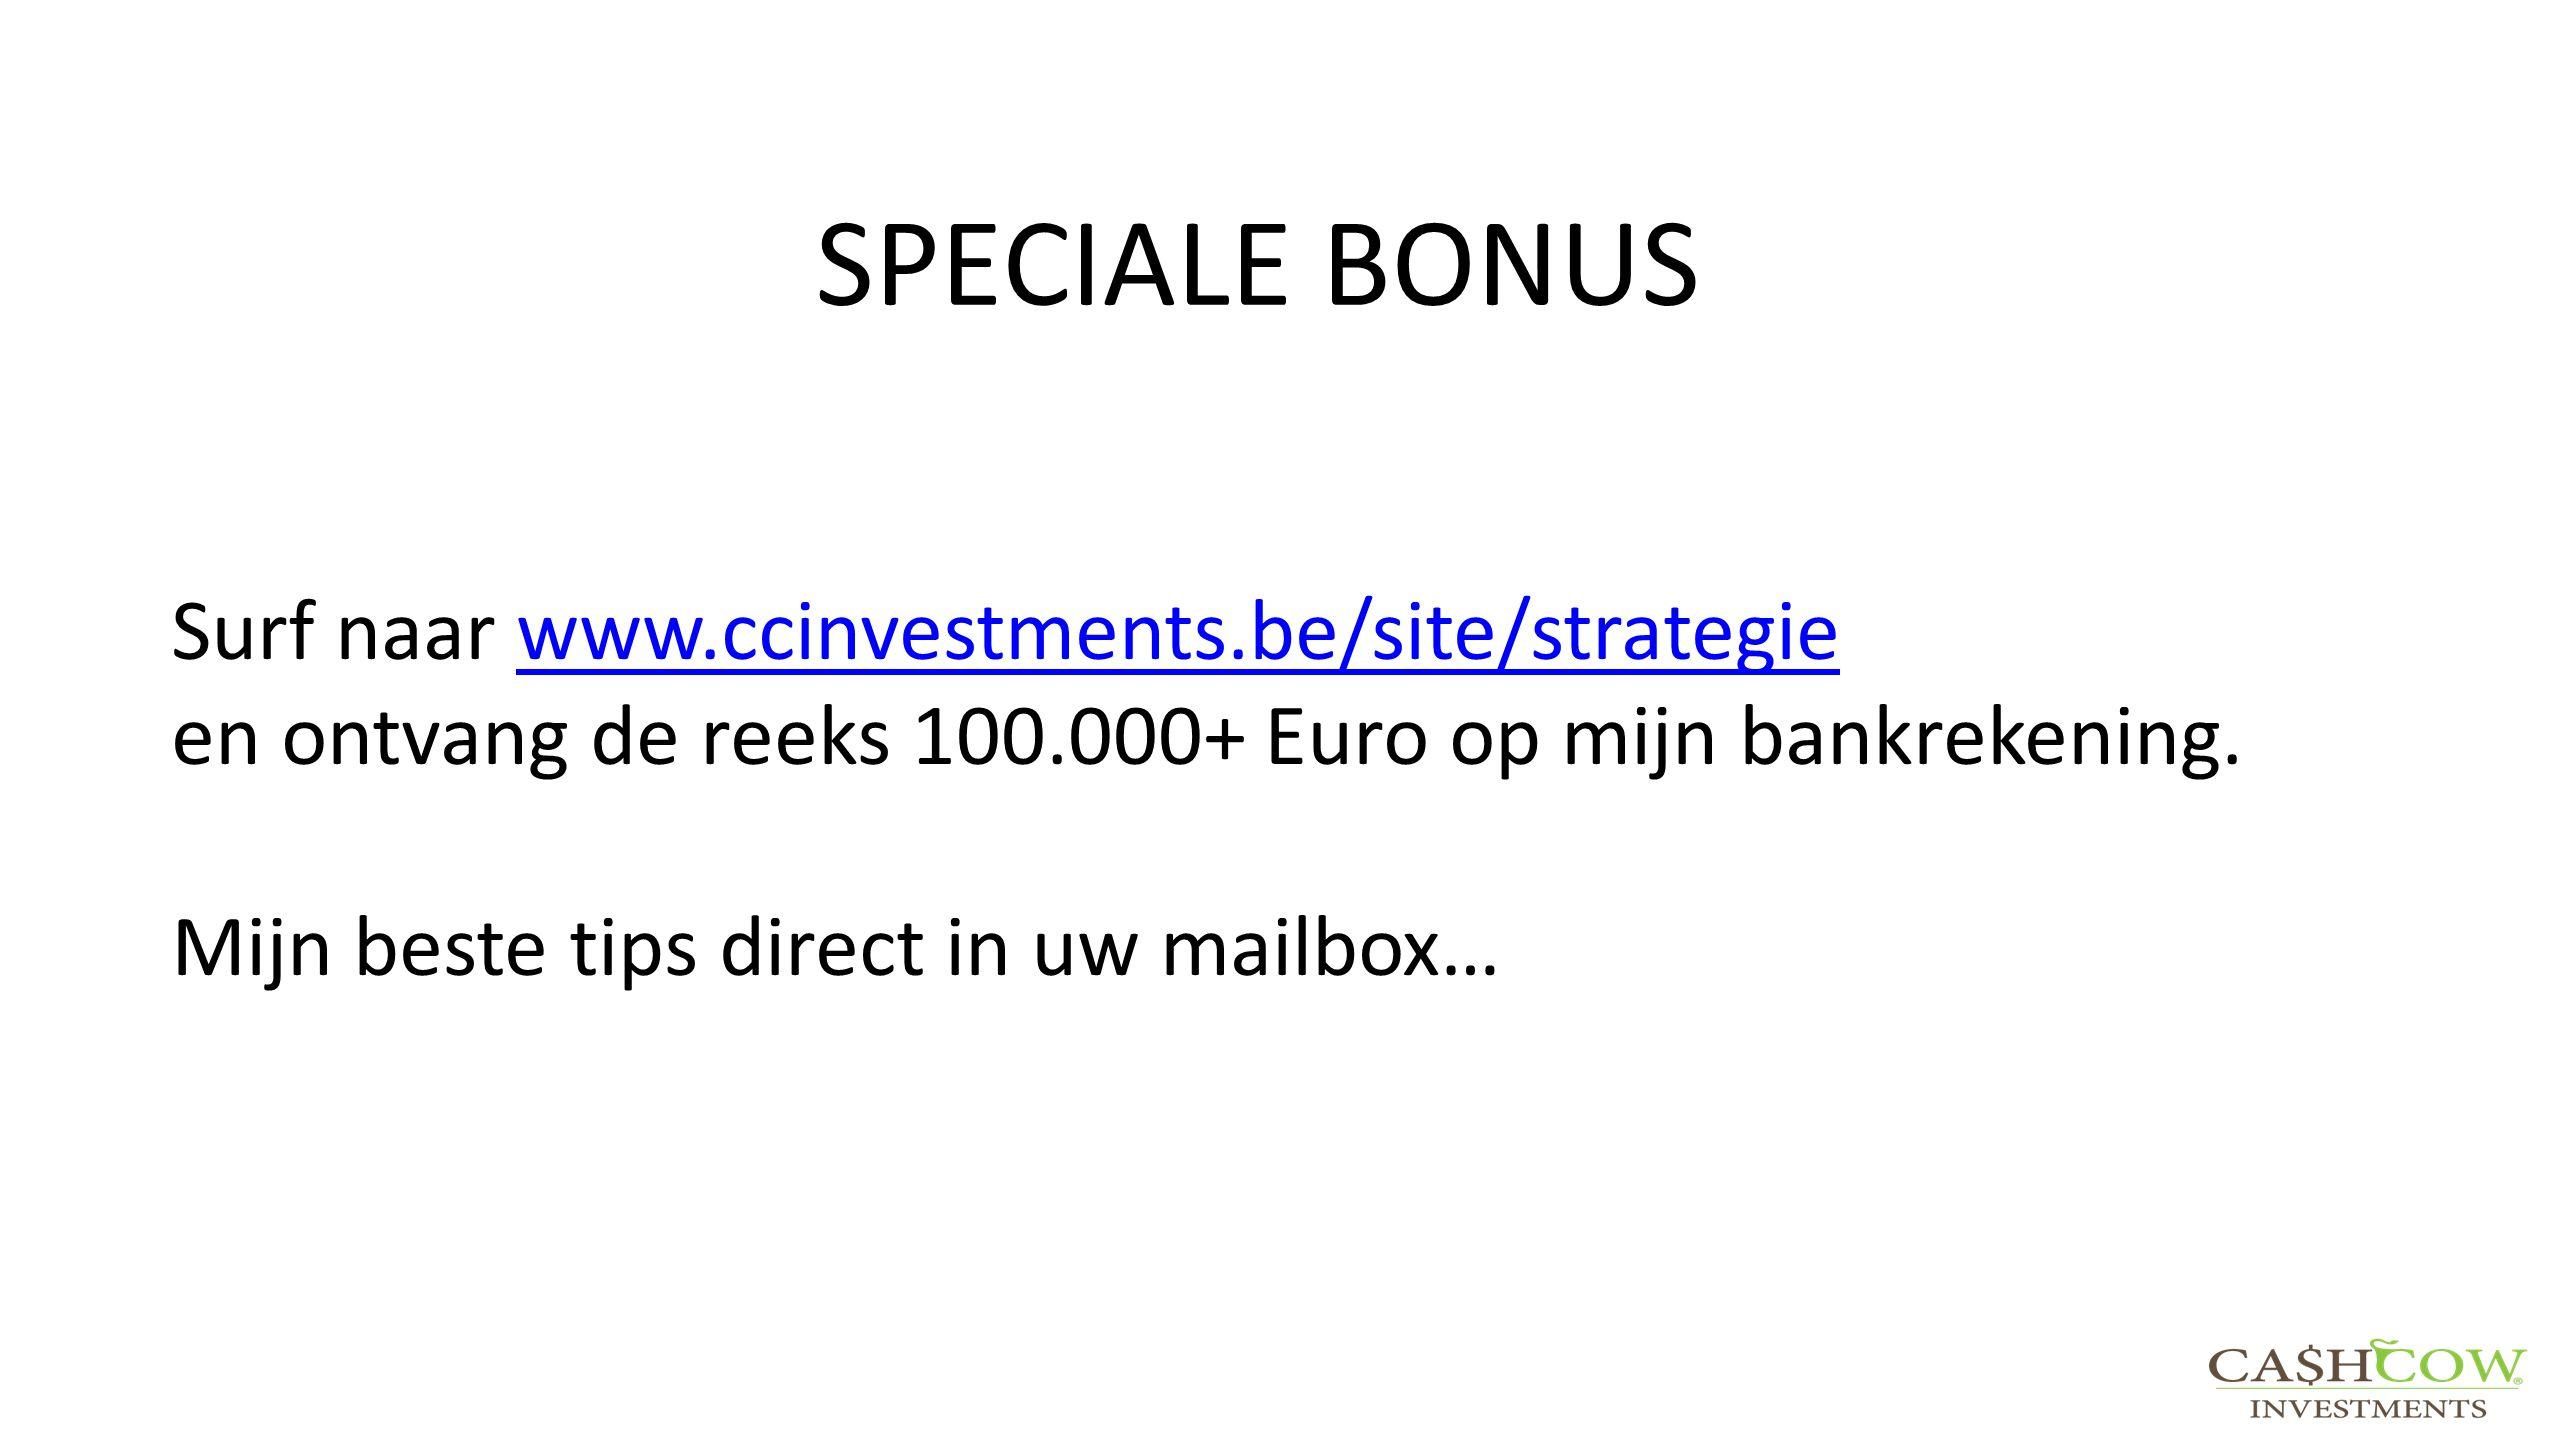 SPECIALE BONUS Surf naar www.ccinvestments.be/site/strategiewww.ccinvestments.be/site/strategie en ontvang de reeks 100.000+ Euro op mijn bankrekening.